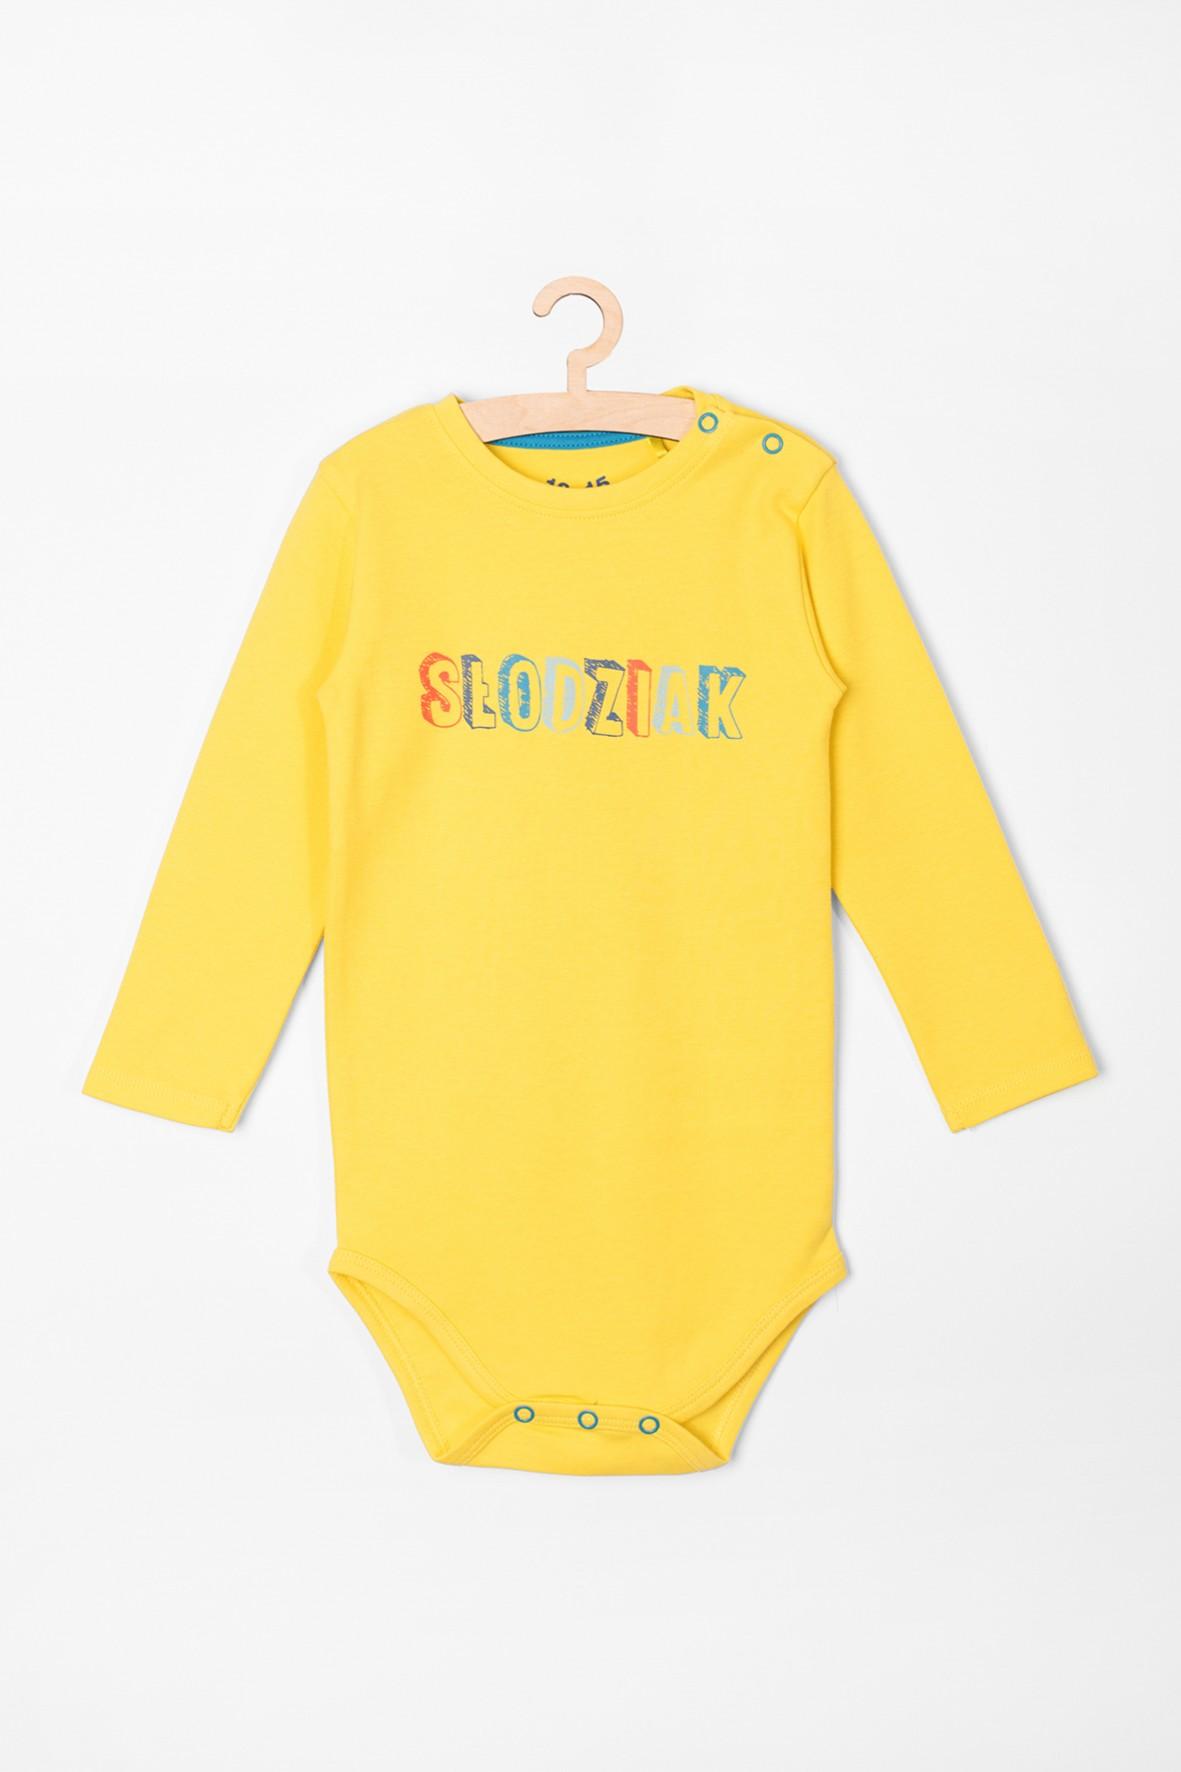 Body chłopięce żółte z napisem- Słodziak